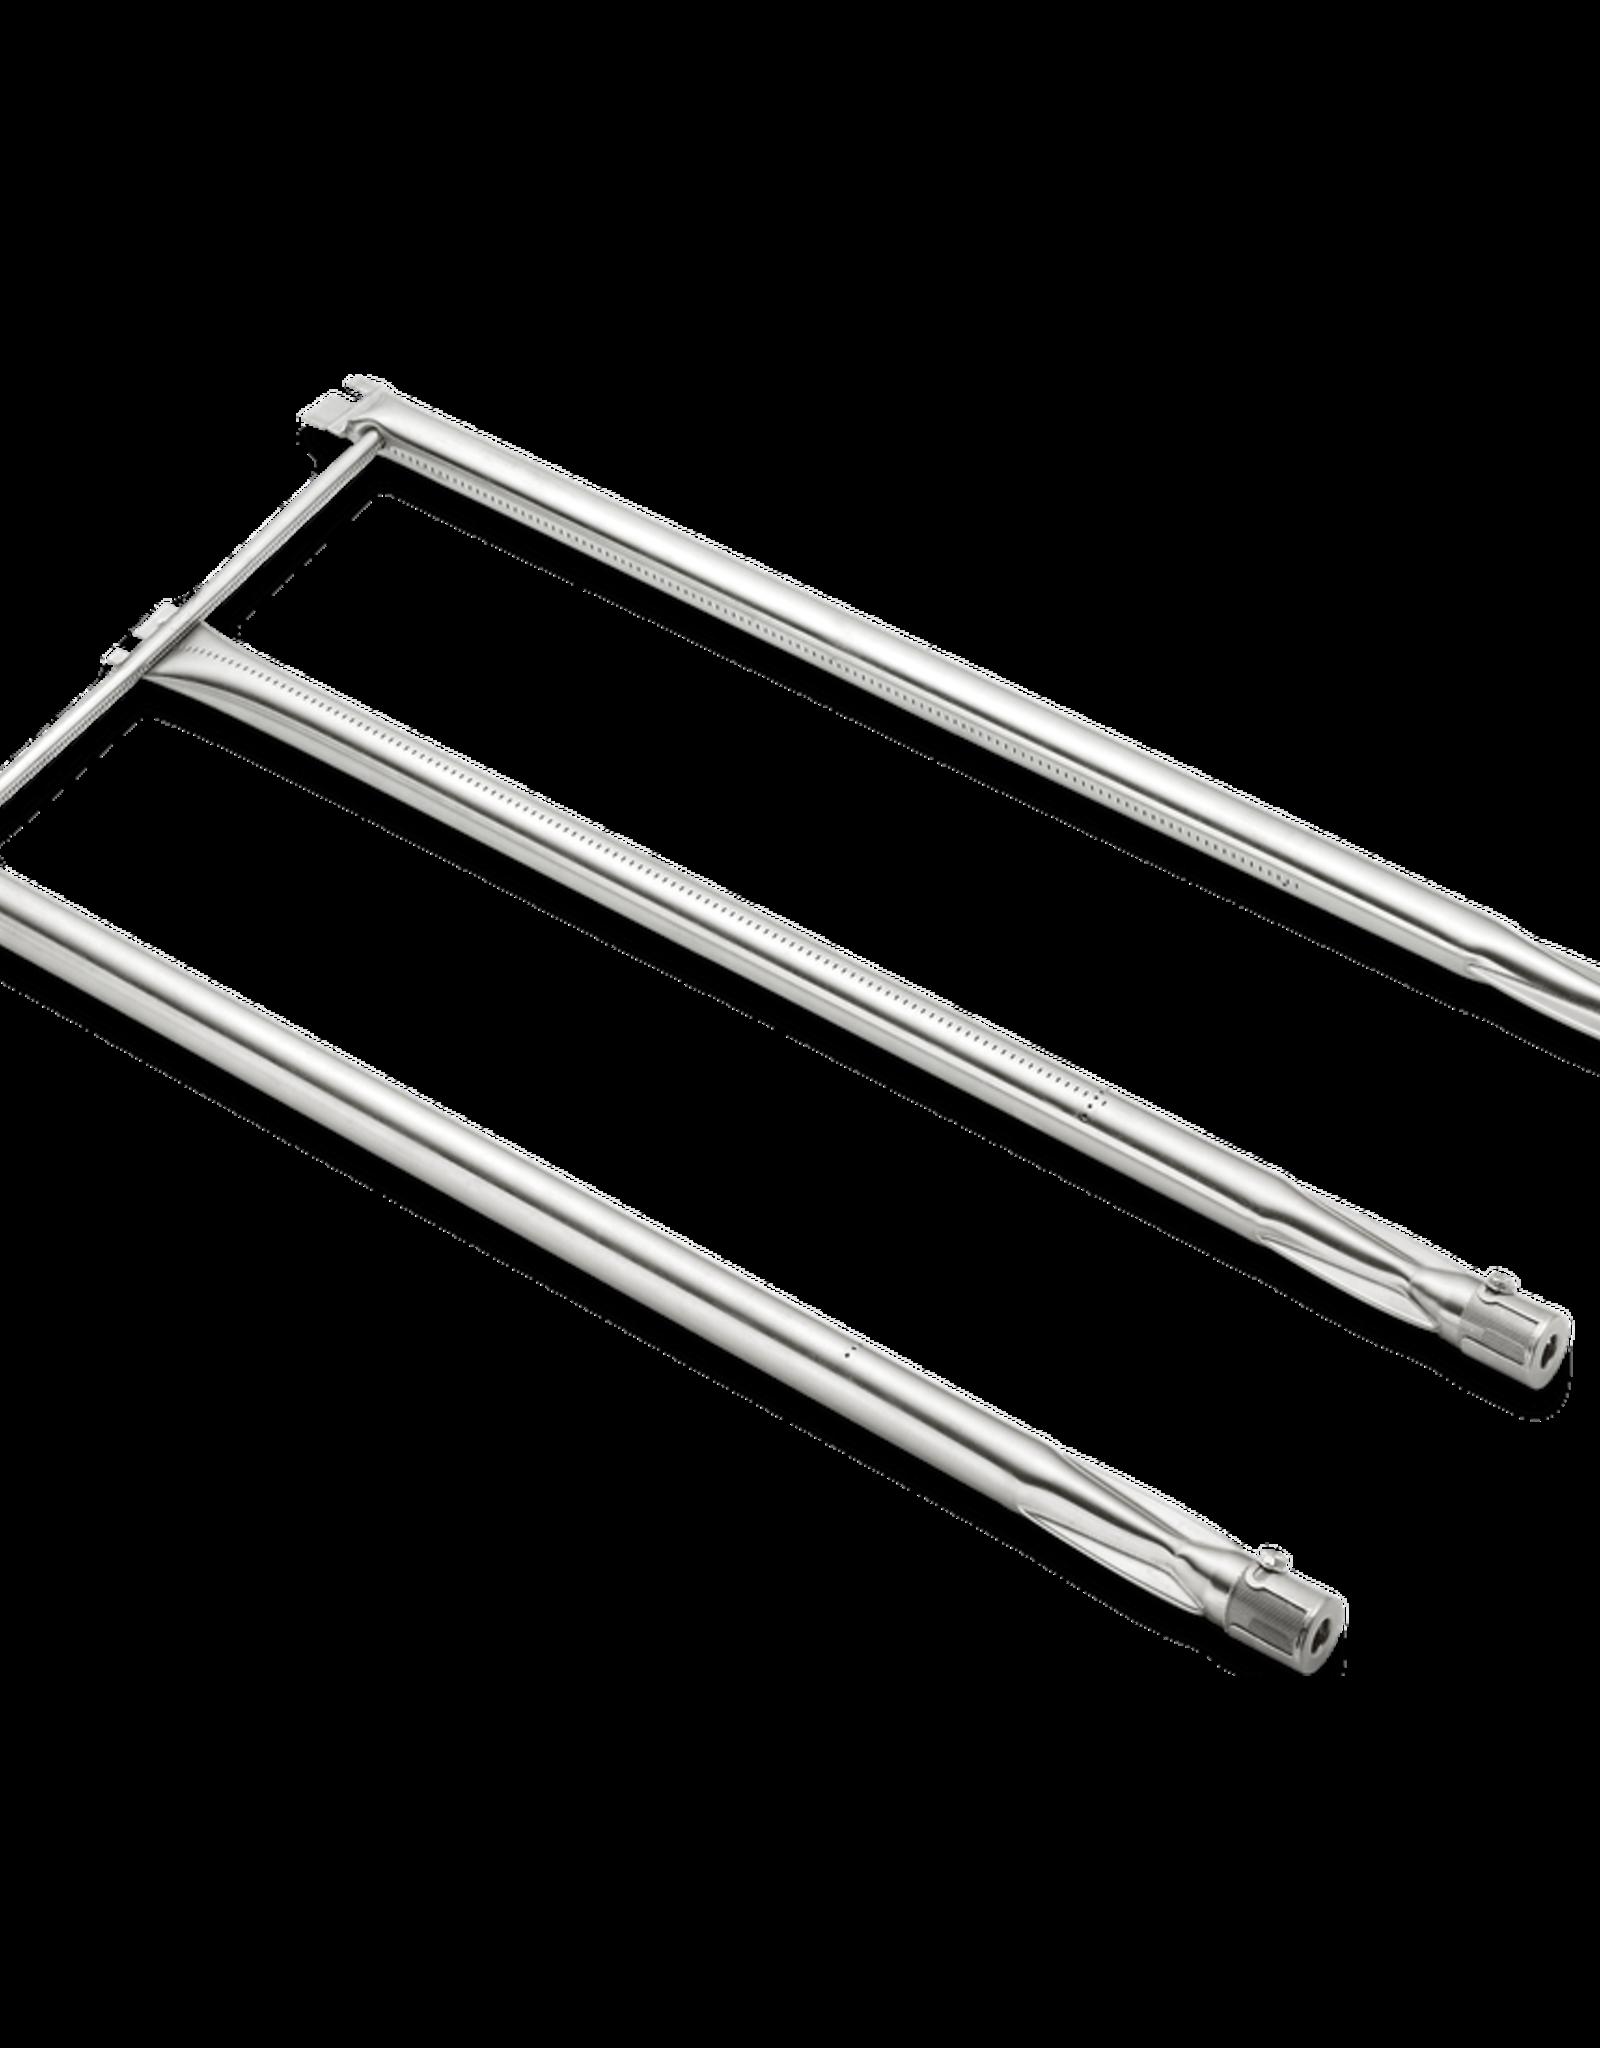 Weber Stainless Steel Burner Tube Set - Fits Spirit 700, Genesis Silver B/C, Genesis Gold 2002 & newer